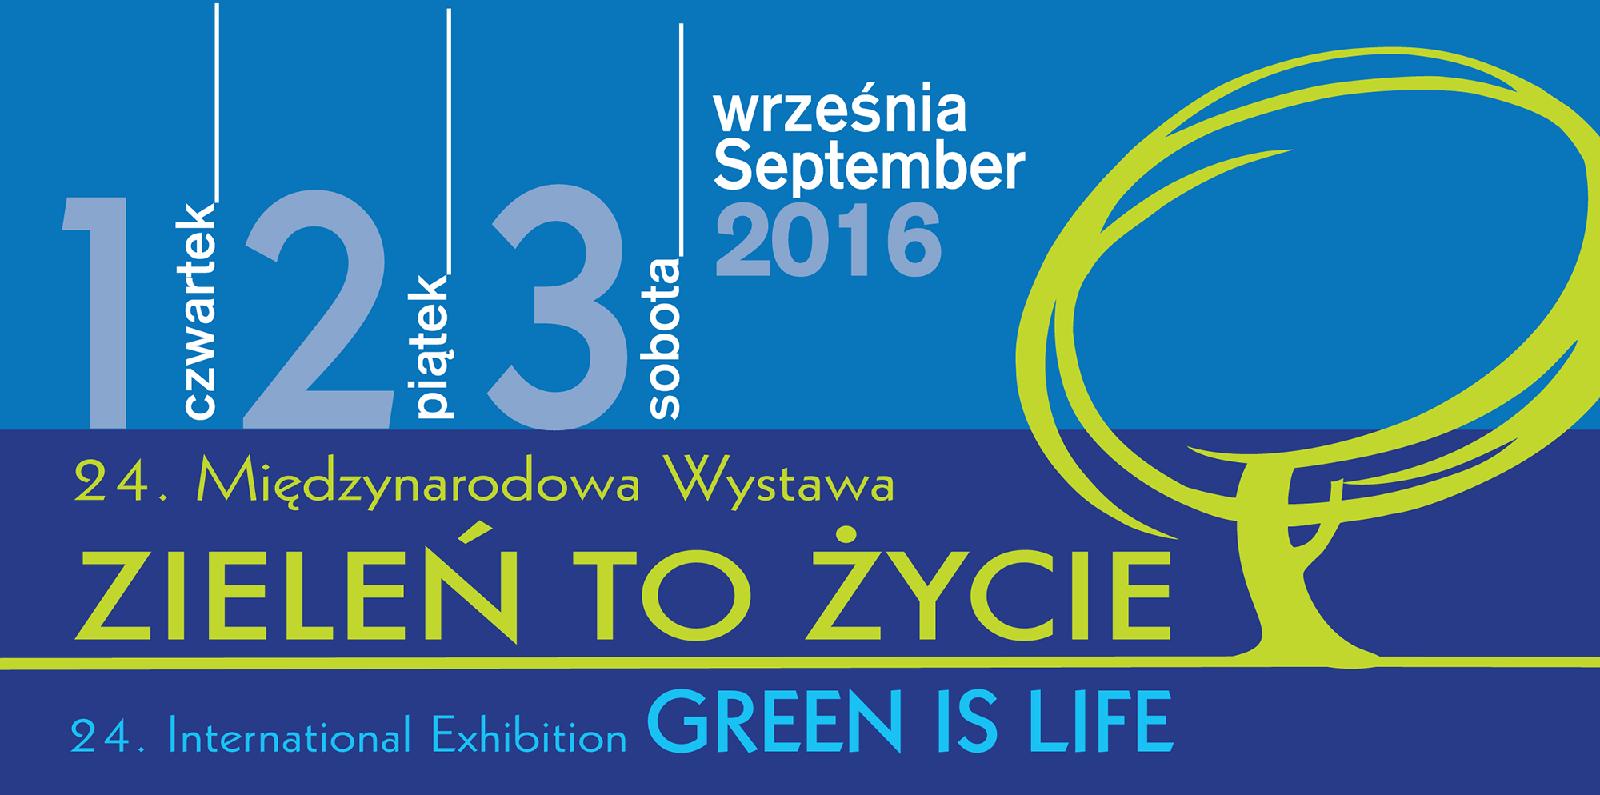 Spotkajmy się na Wystawie Zieleń To Życie 2016